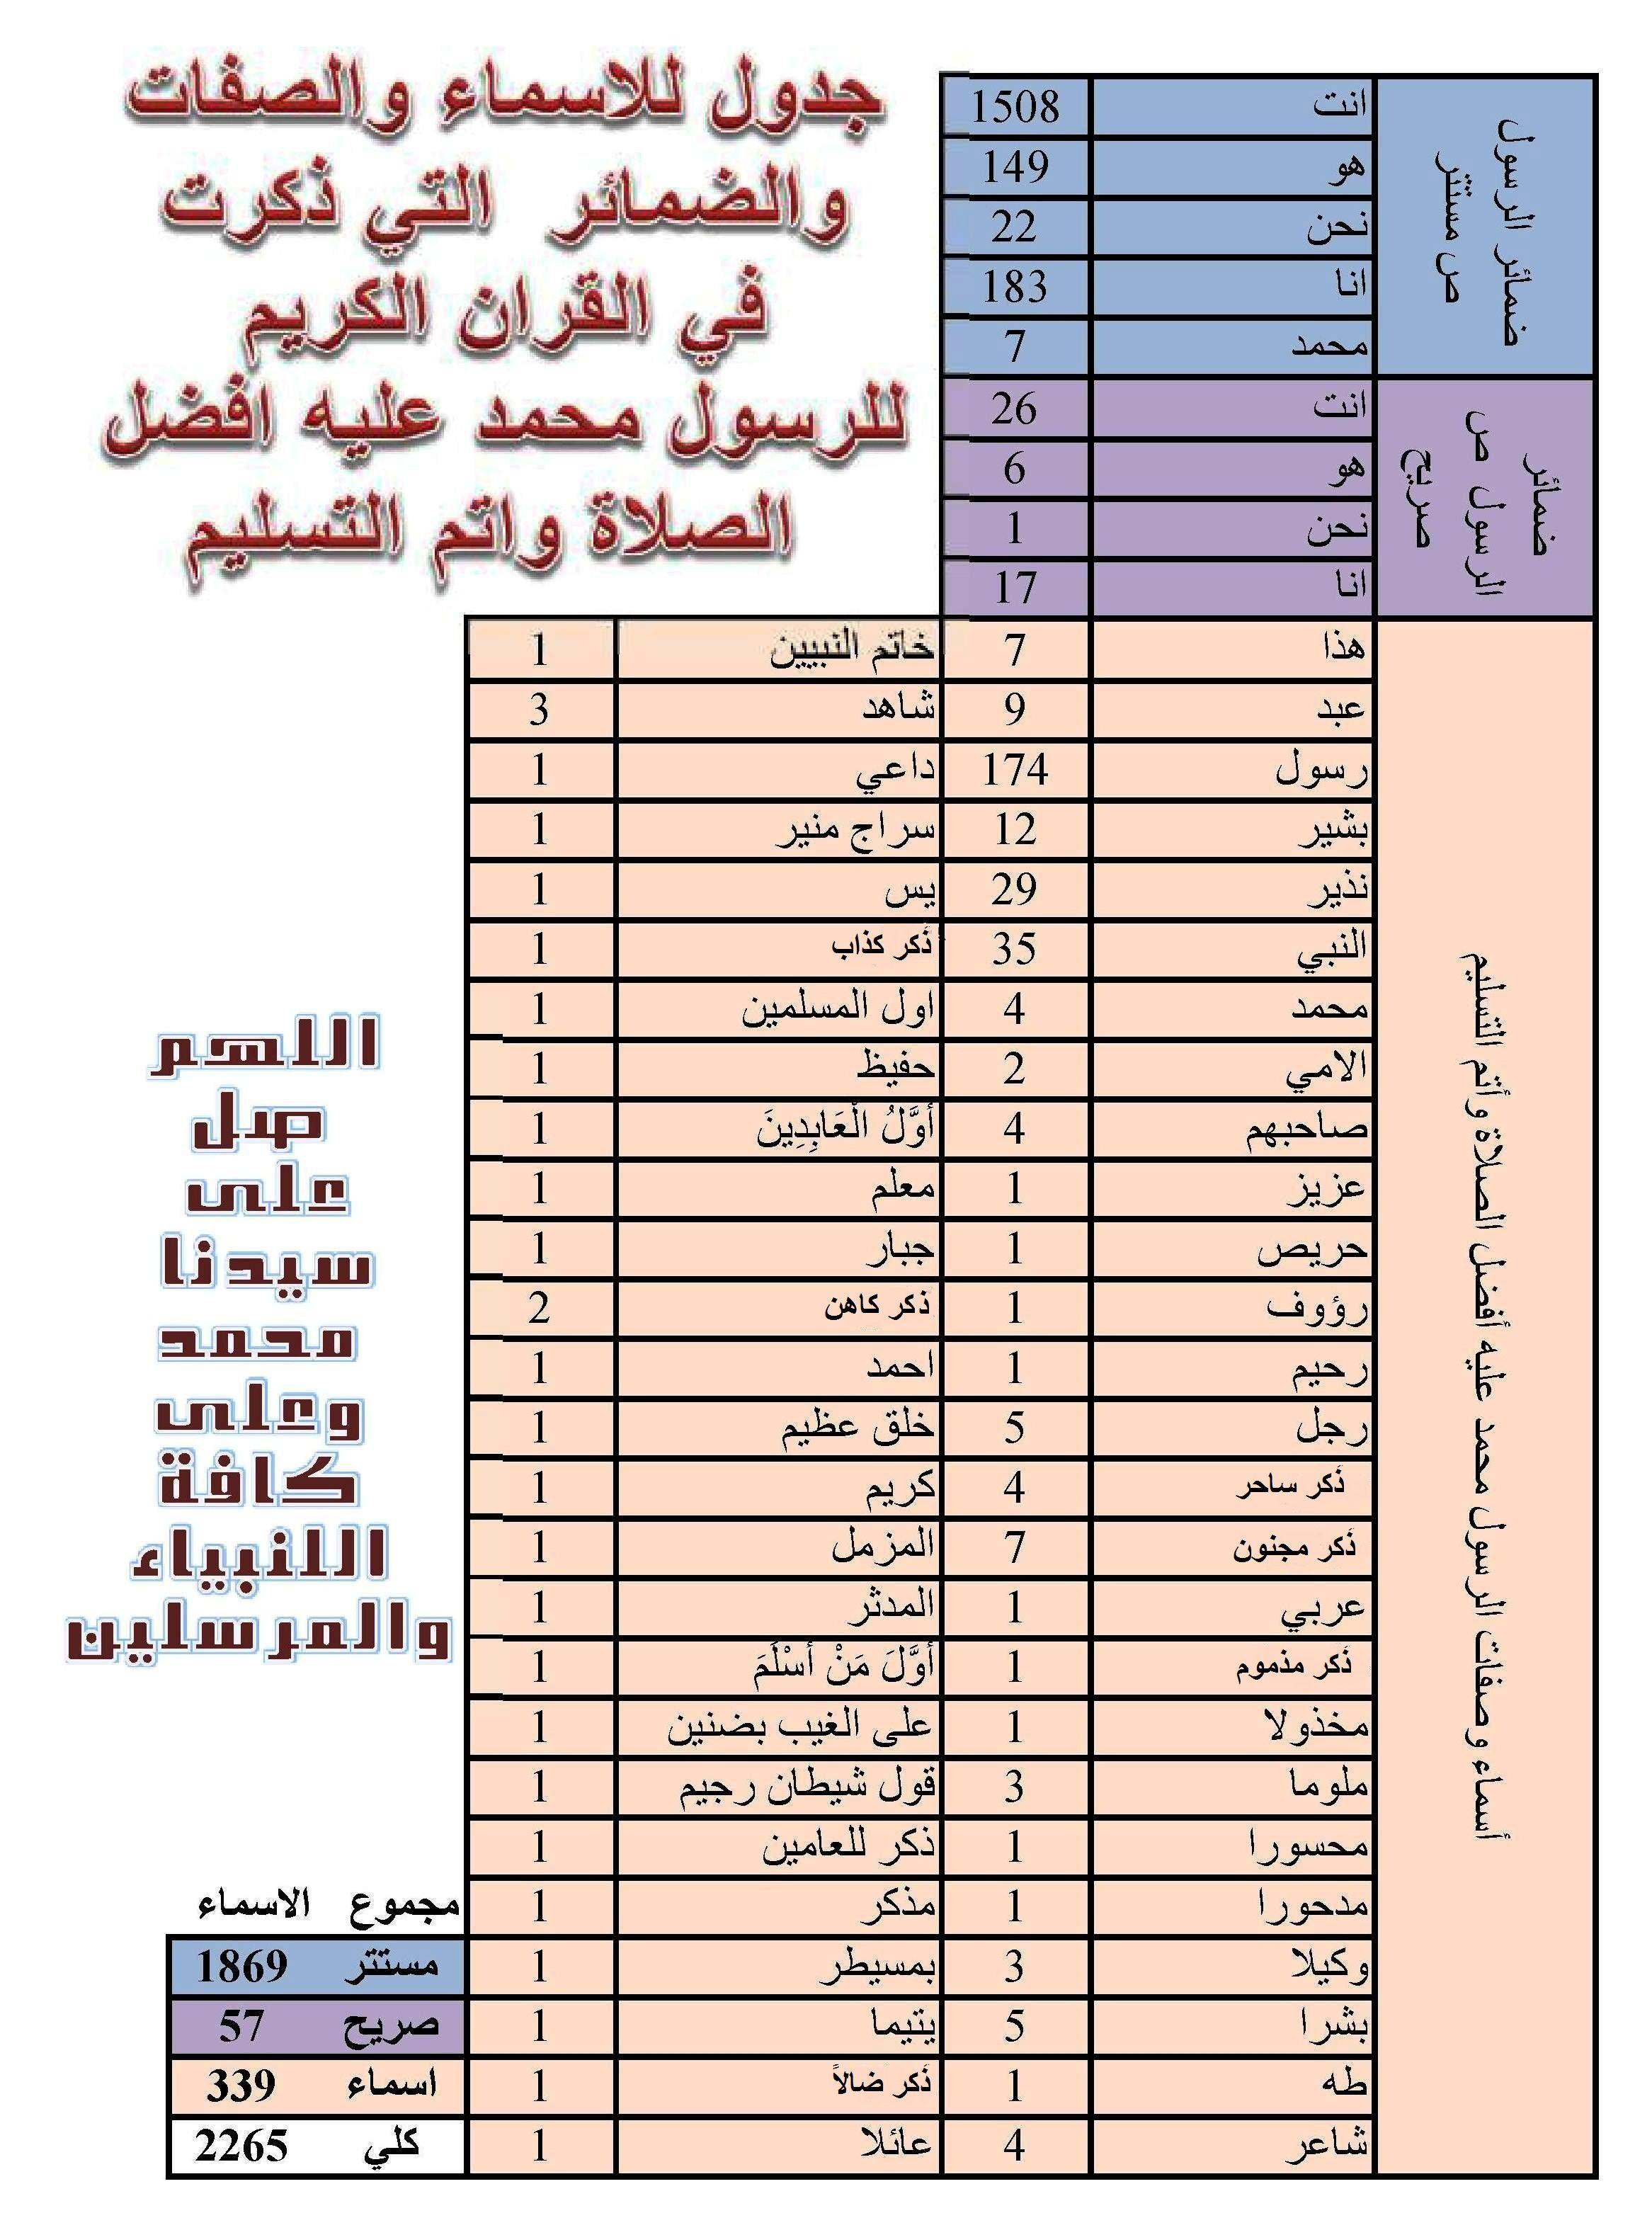 عدد مرات ذكر اسم سيدنا محمد في القران الكريم Jouy Periodic Table